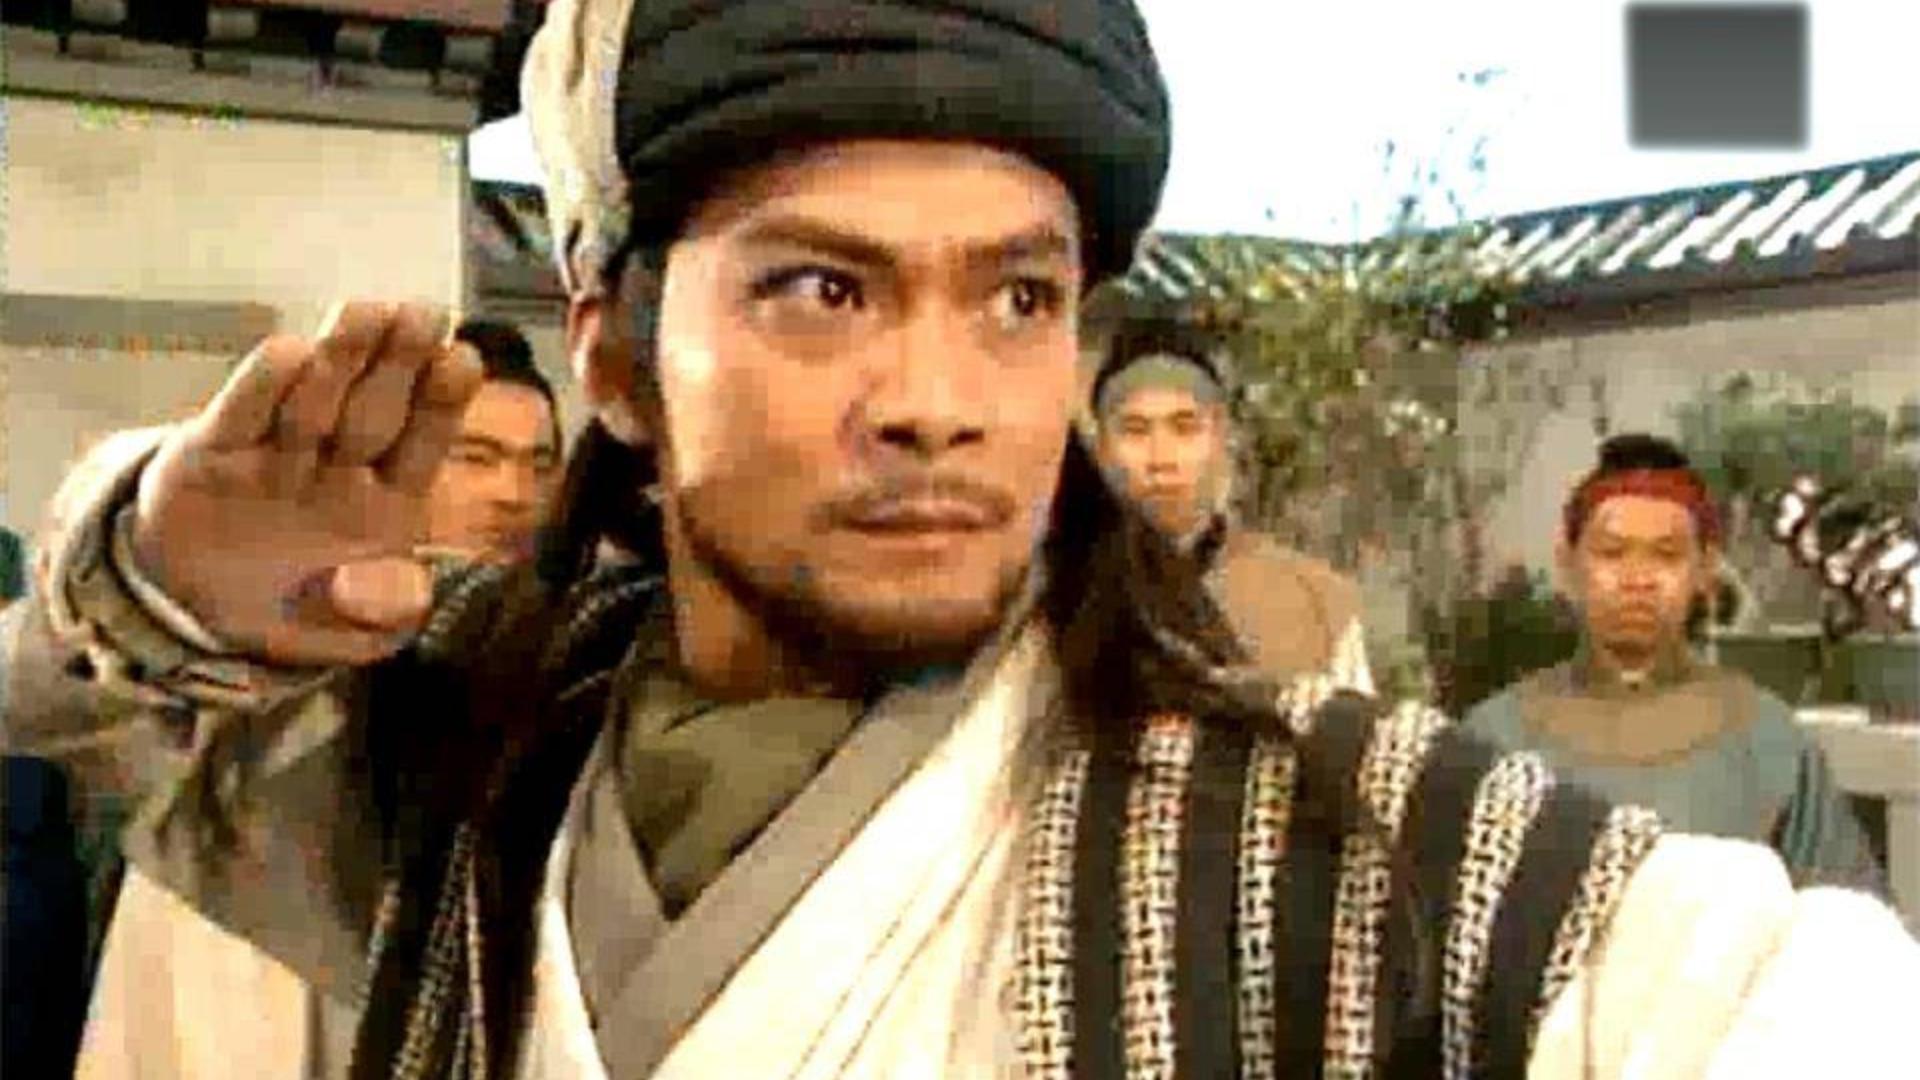 黑衣人神兵天降救走了乔峰,他到底是什么人呢?